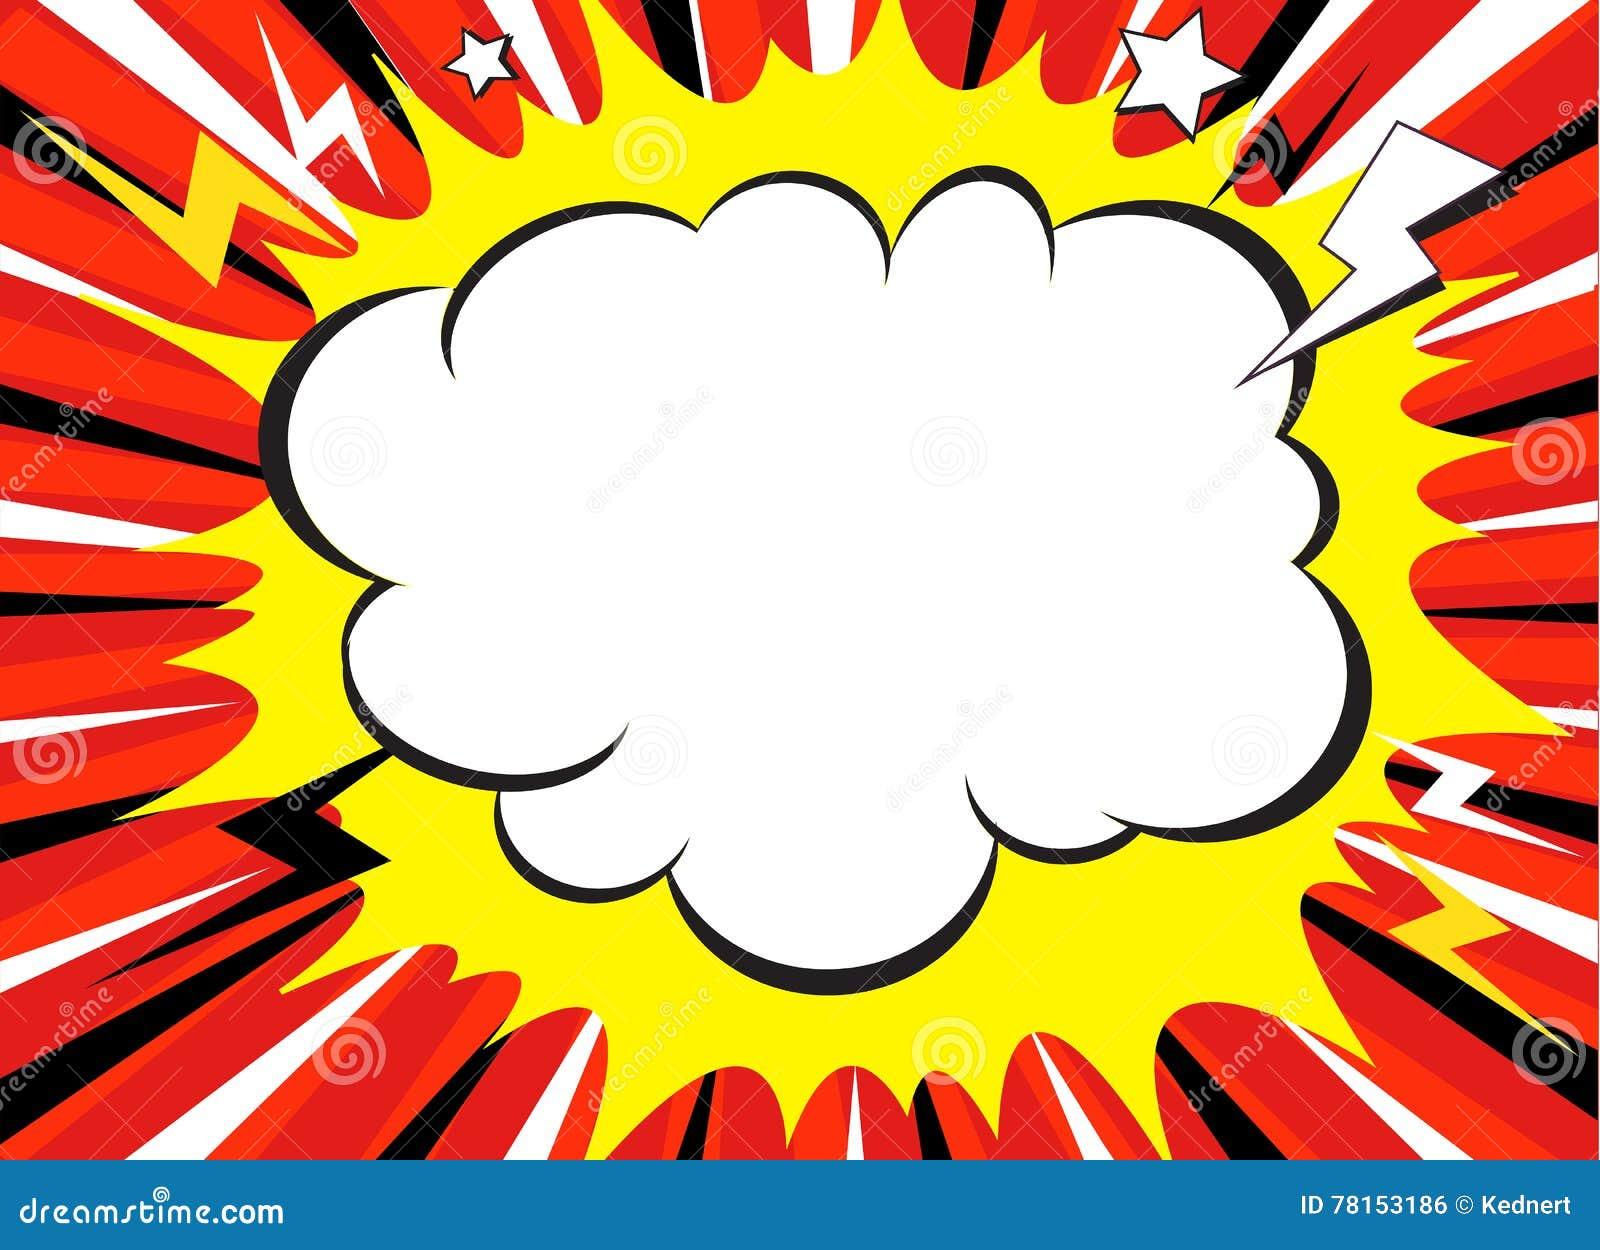 漫画书爆炸超级英雄流行艺术样式辐形排行背景 Manga或芳香树脂速度框架